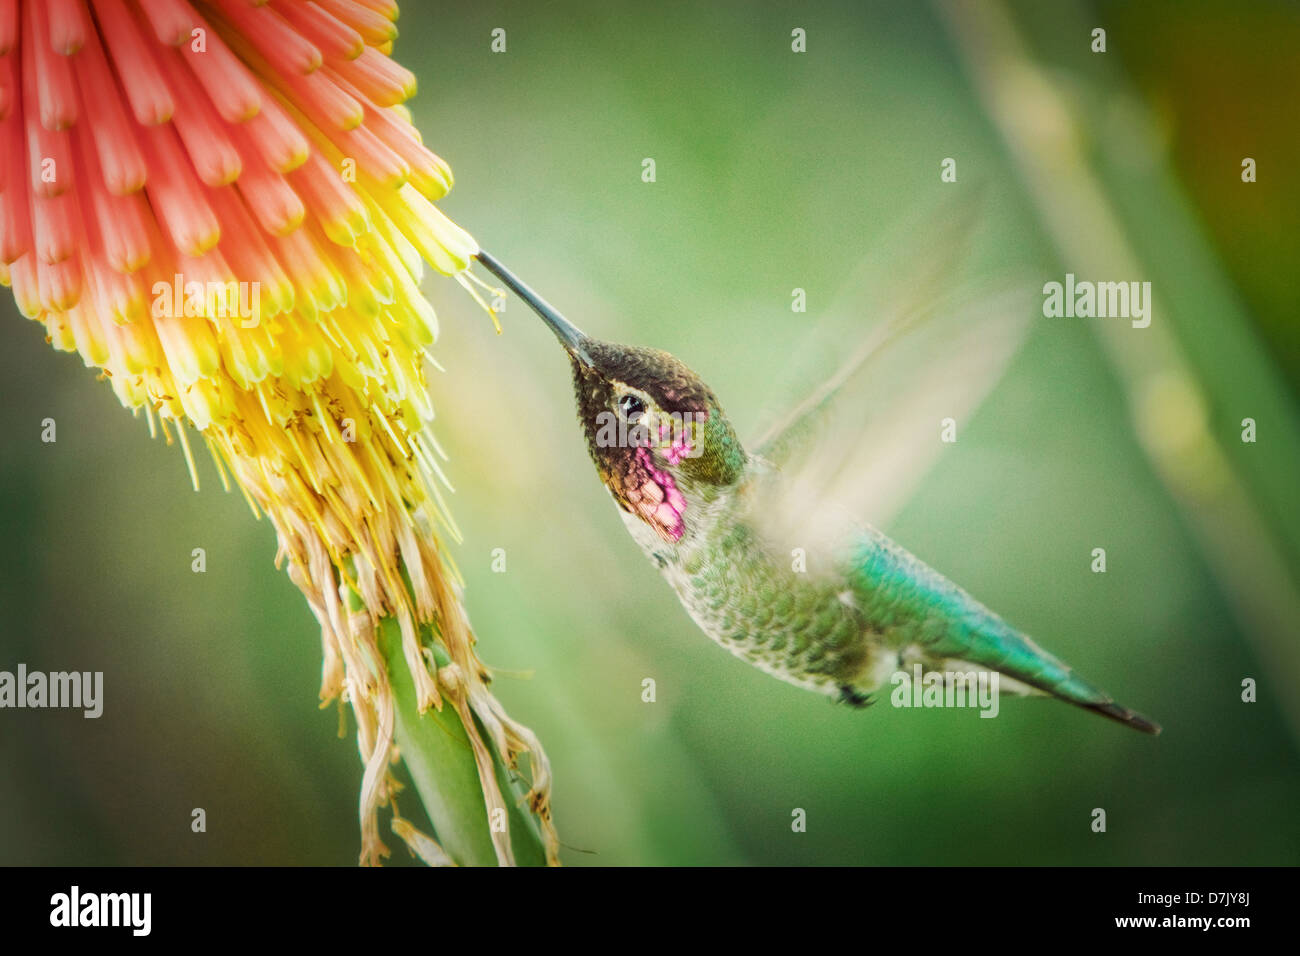 Colibri vert rose se nourrissant de nectar de fleur Photo Stock